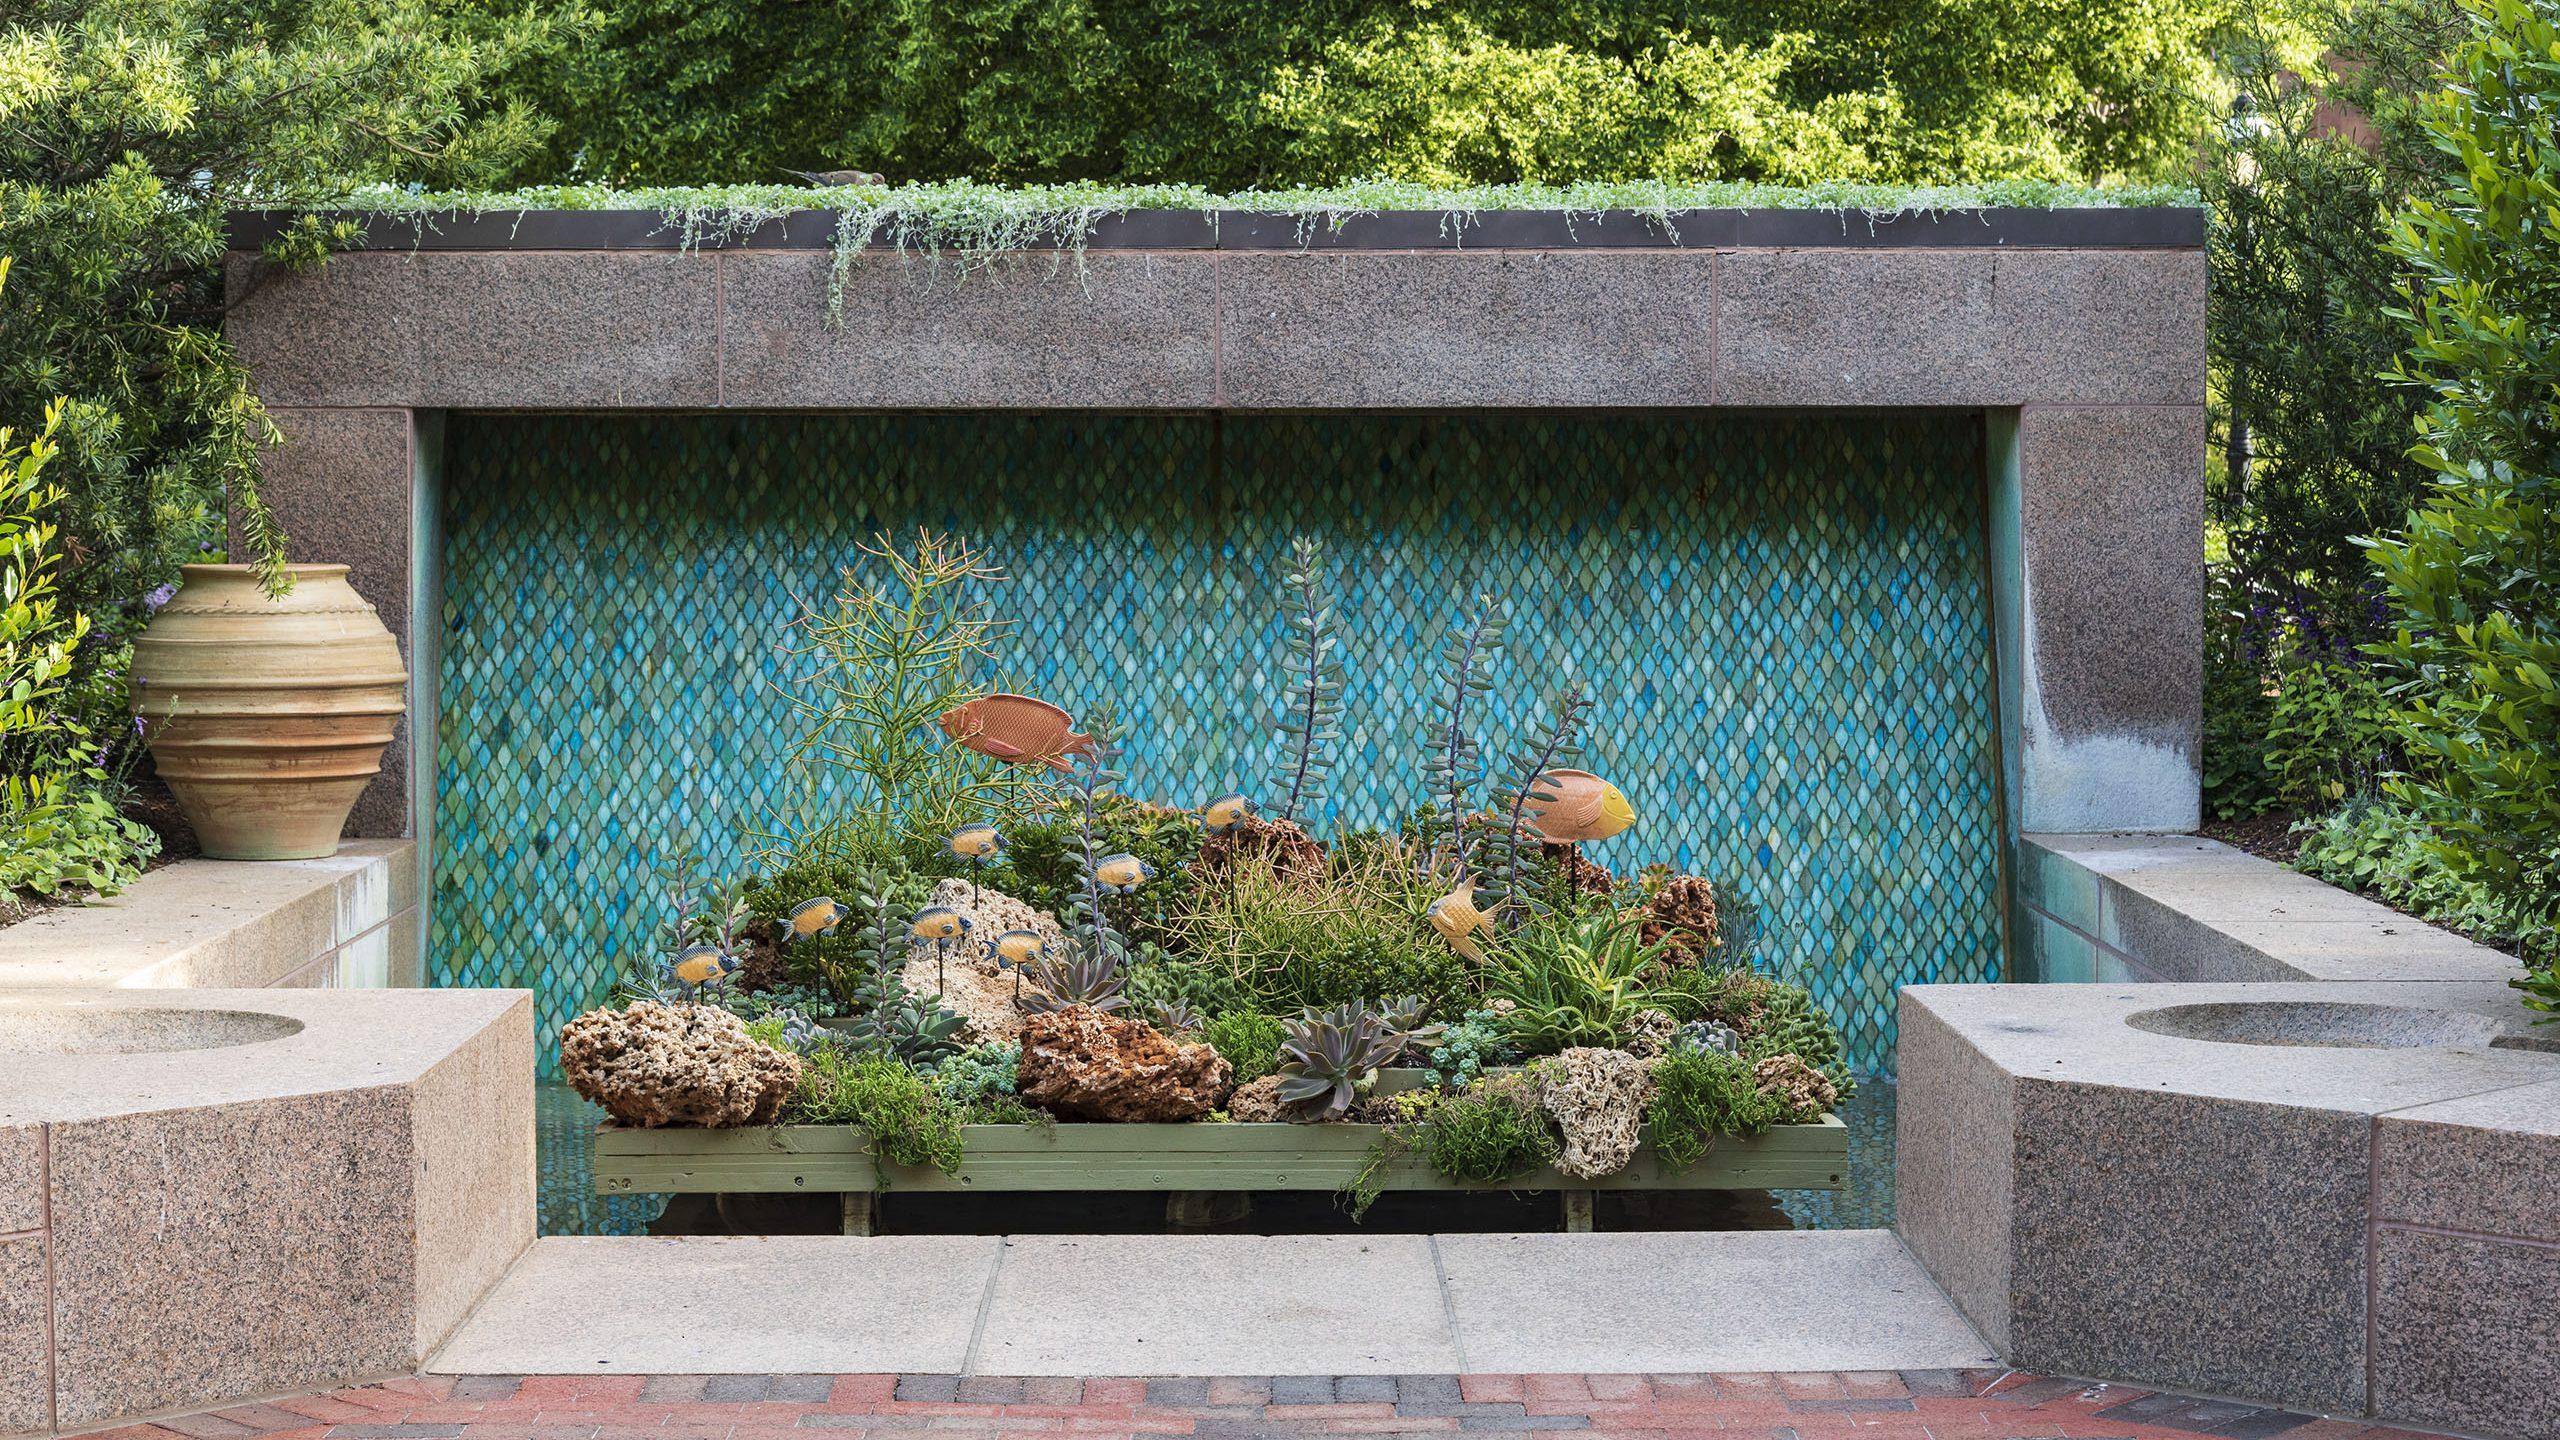 Foundation of the Sea in the Enid A. Haupt Garden Fountain Garden